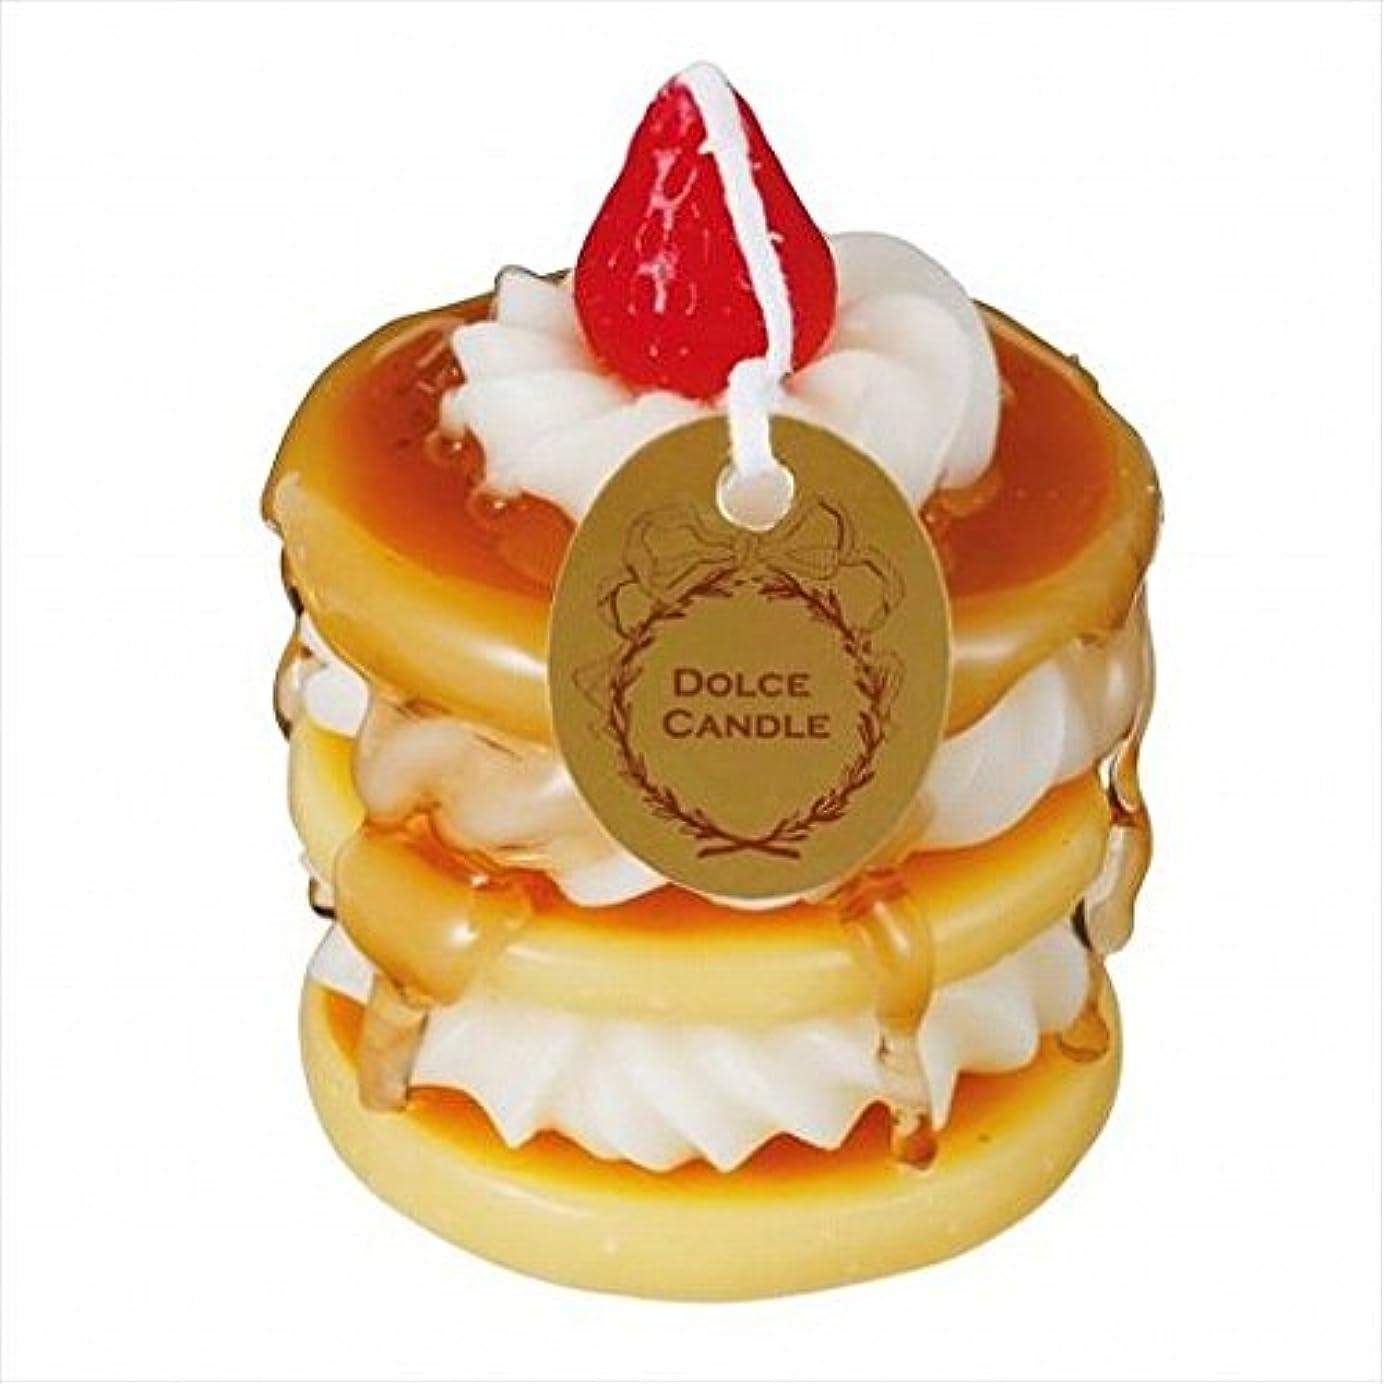 コメンテーター安価な合計sweets candle(スイーツキャンドル) ドルチェキャンドル 「 パンケーキ 」 キャンドル 56x56x80mm (A4340550)